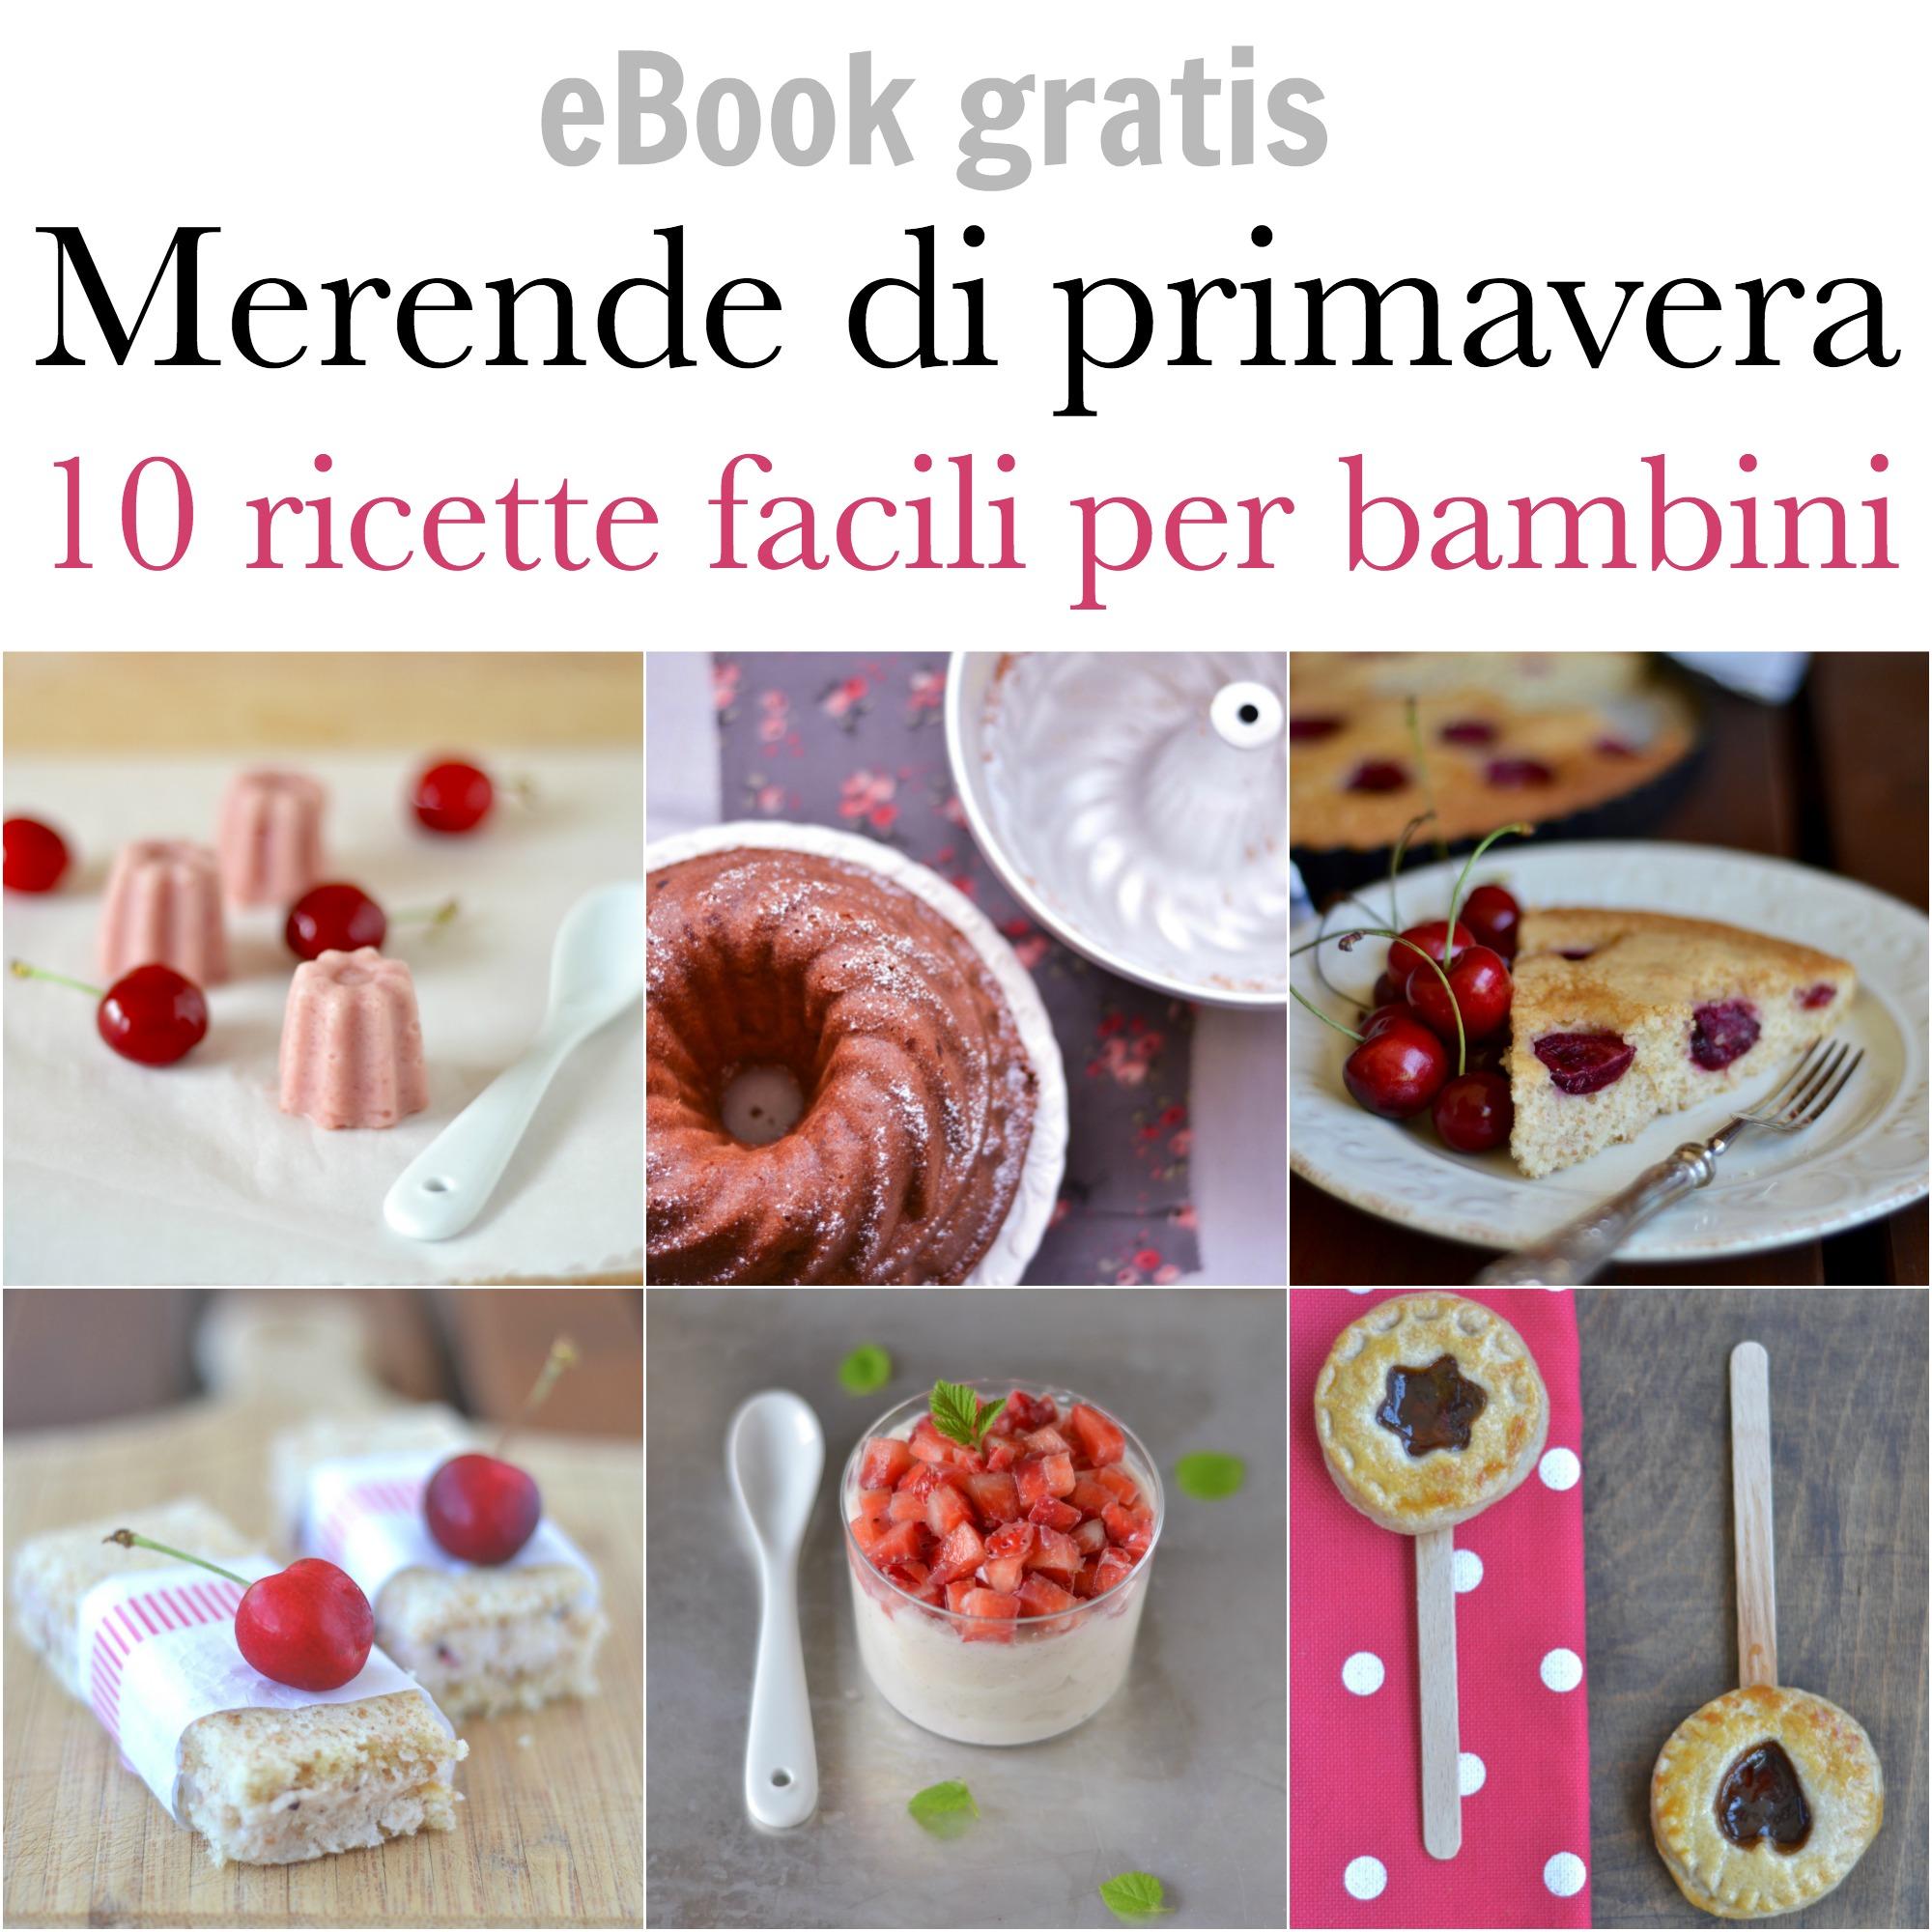 Ebook gratis merende per bambini 10 ricette per la for Ricette per bimbi